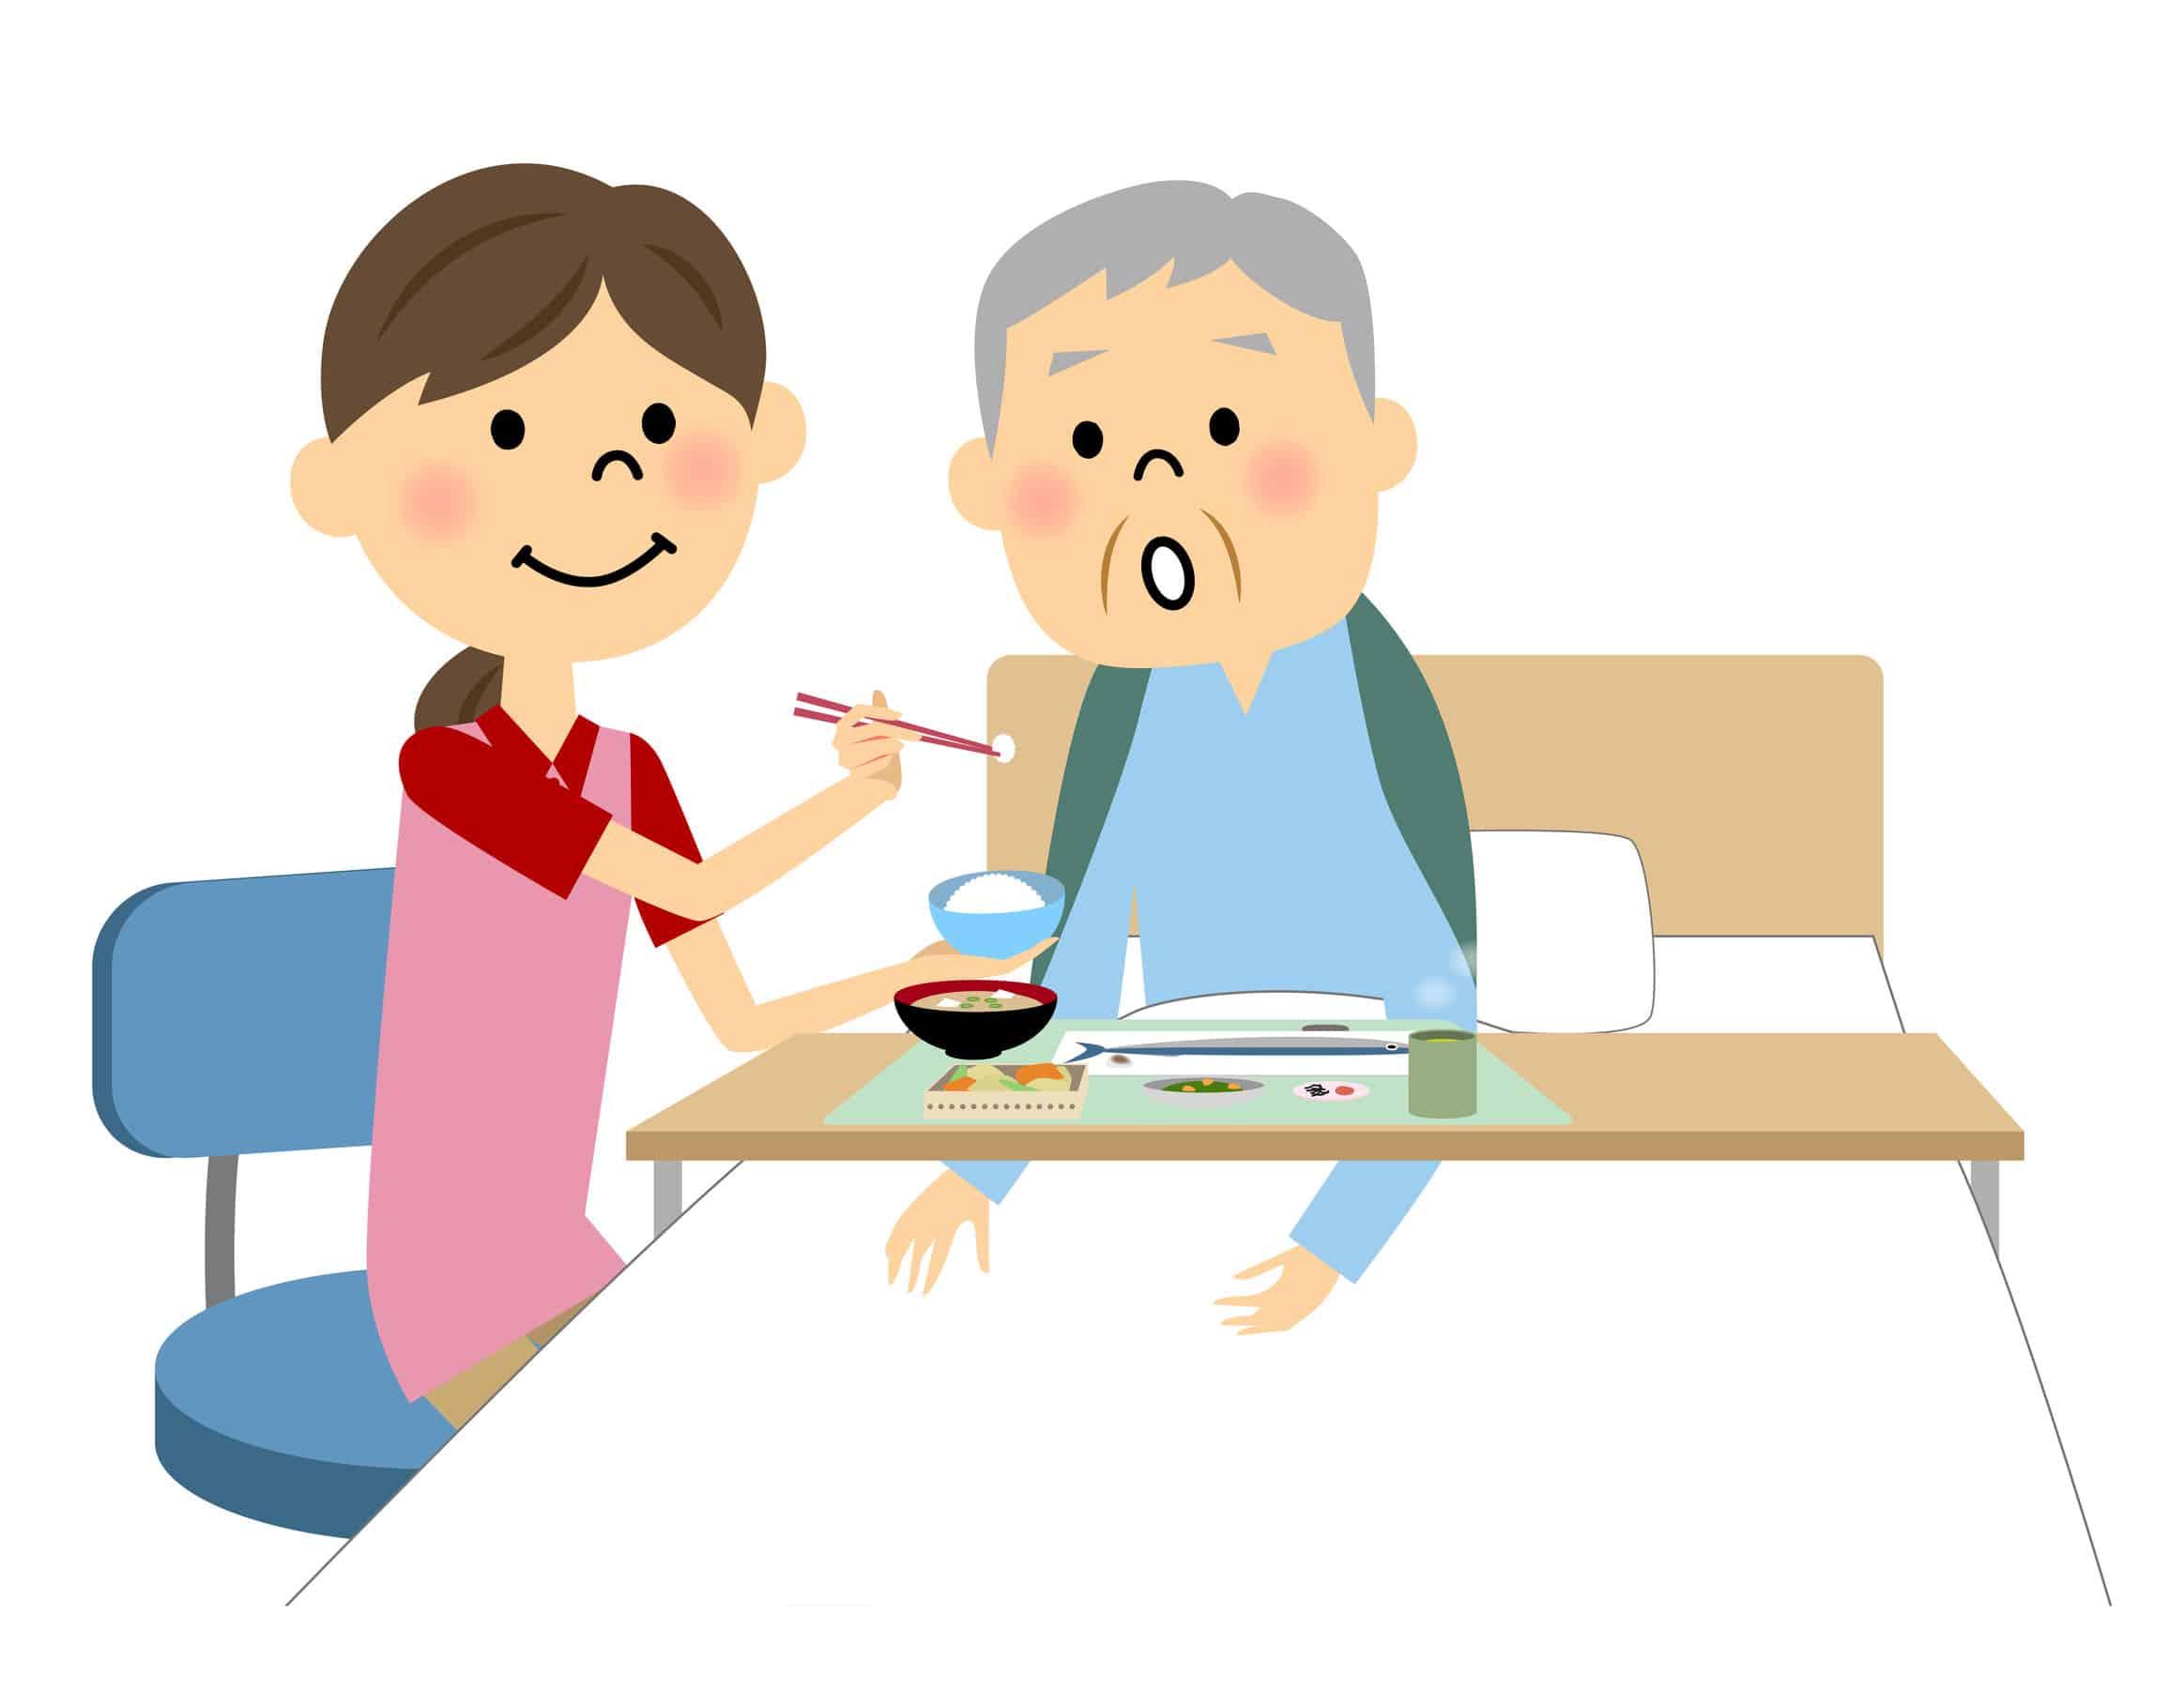 中風除了引發身體活動能力方面的後遺症外,患者的吞嚥和說話能力亦可能受影響。